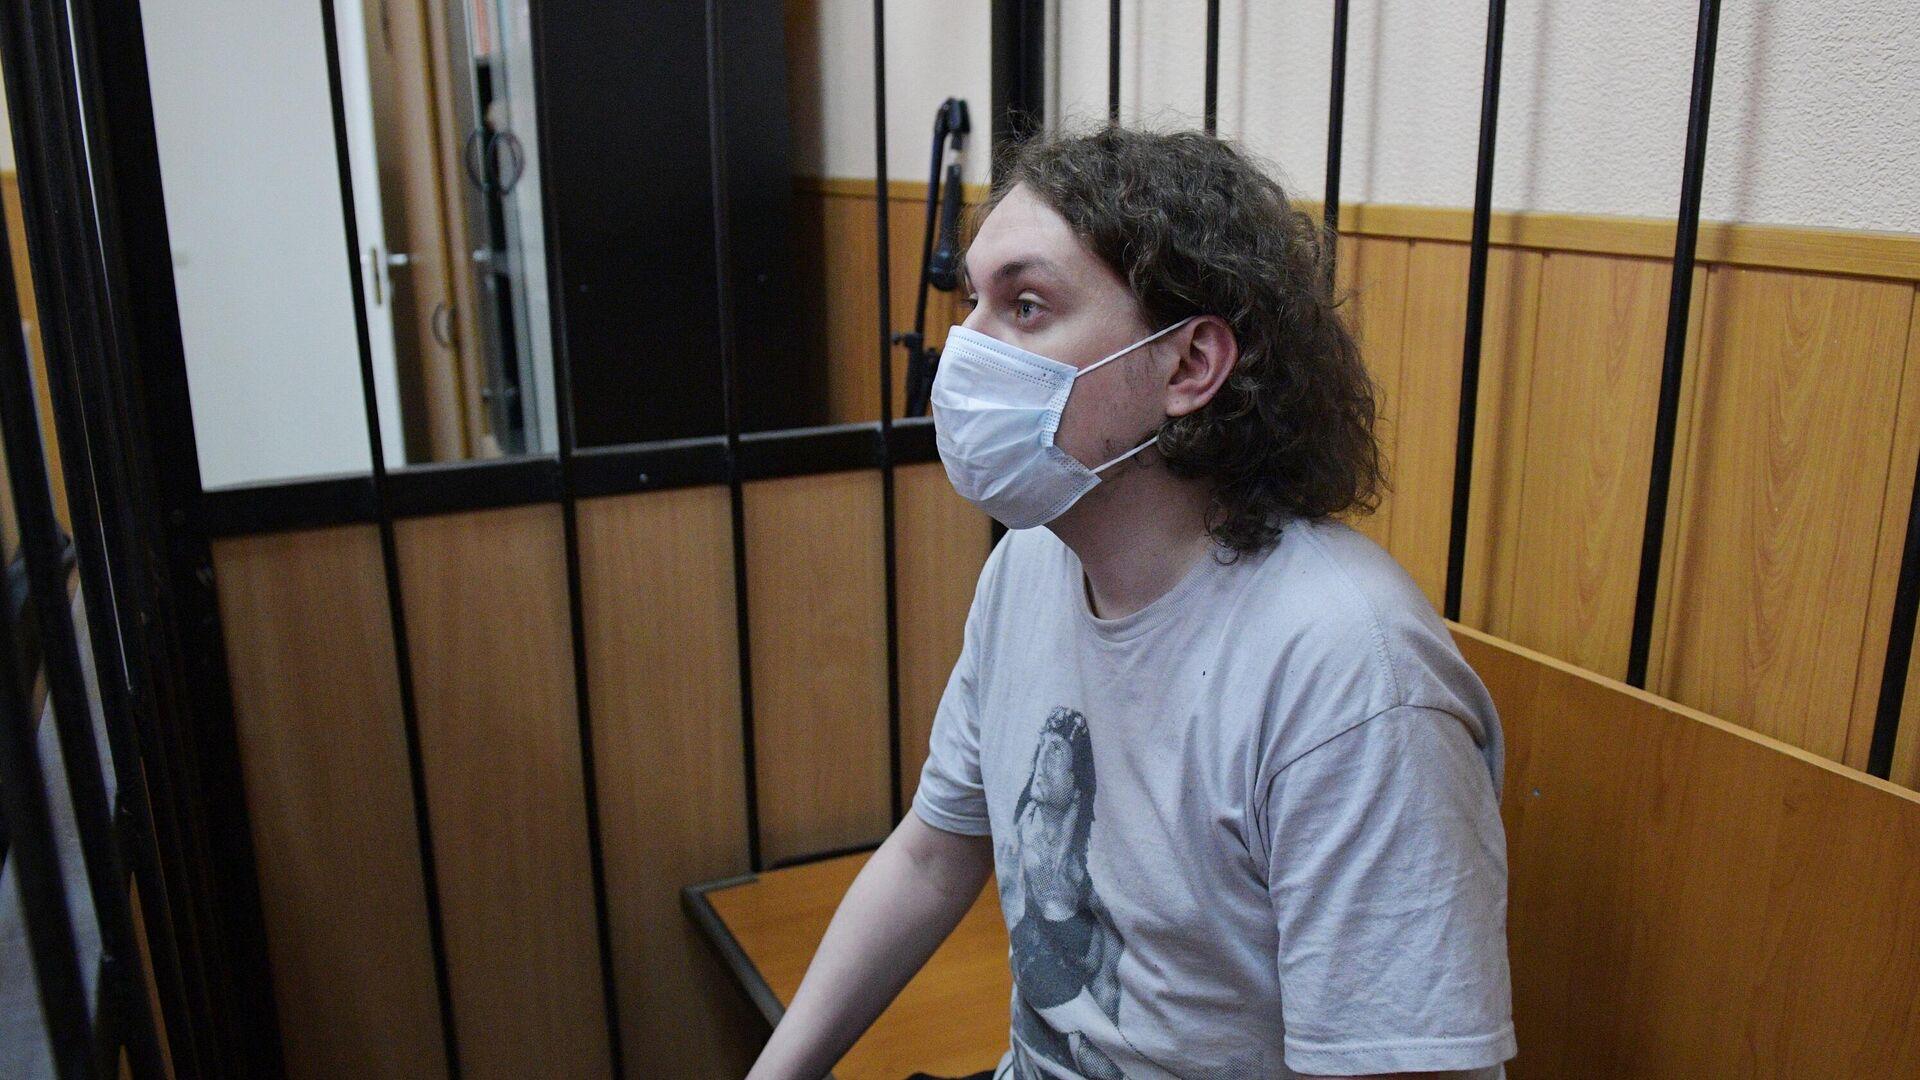 Блогер Юрий Хованский, обвиняемый в оправдании терроризма, в Дзержинском районном суде - РИА Новости, 1920, 12.06.2021